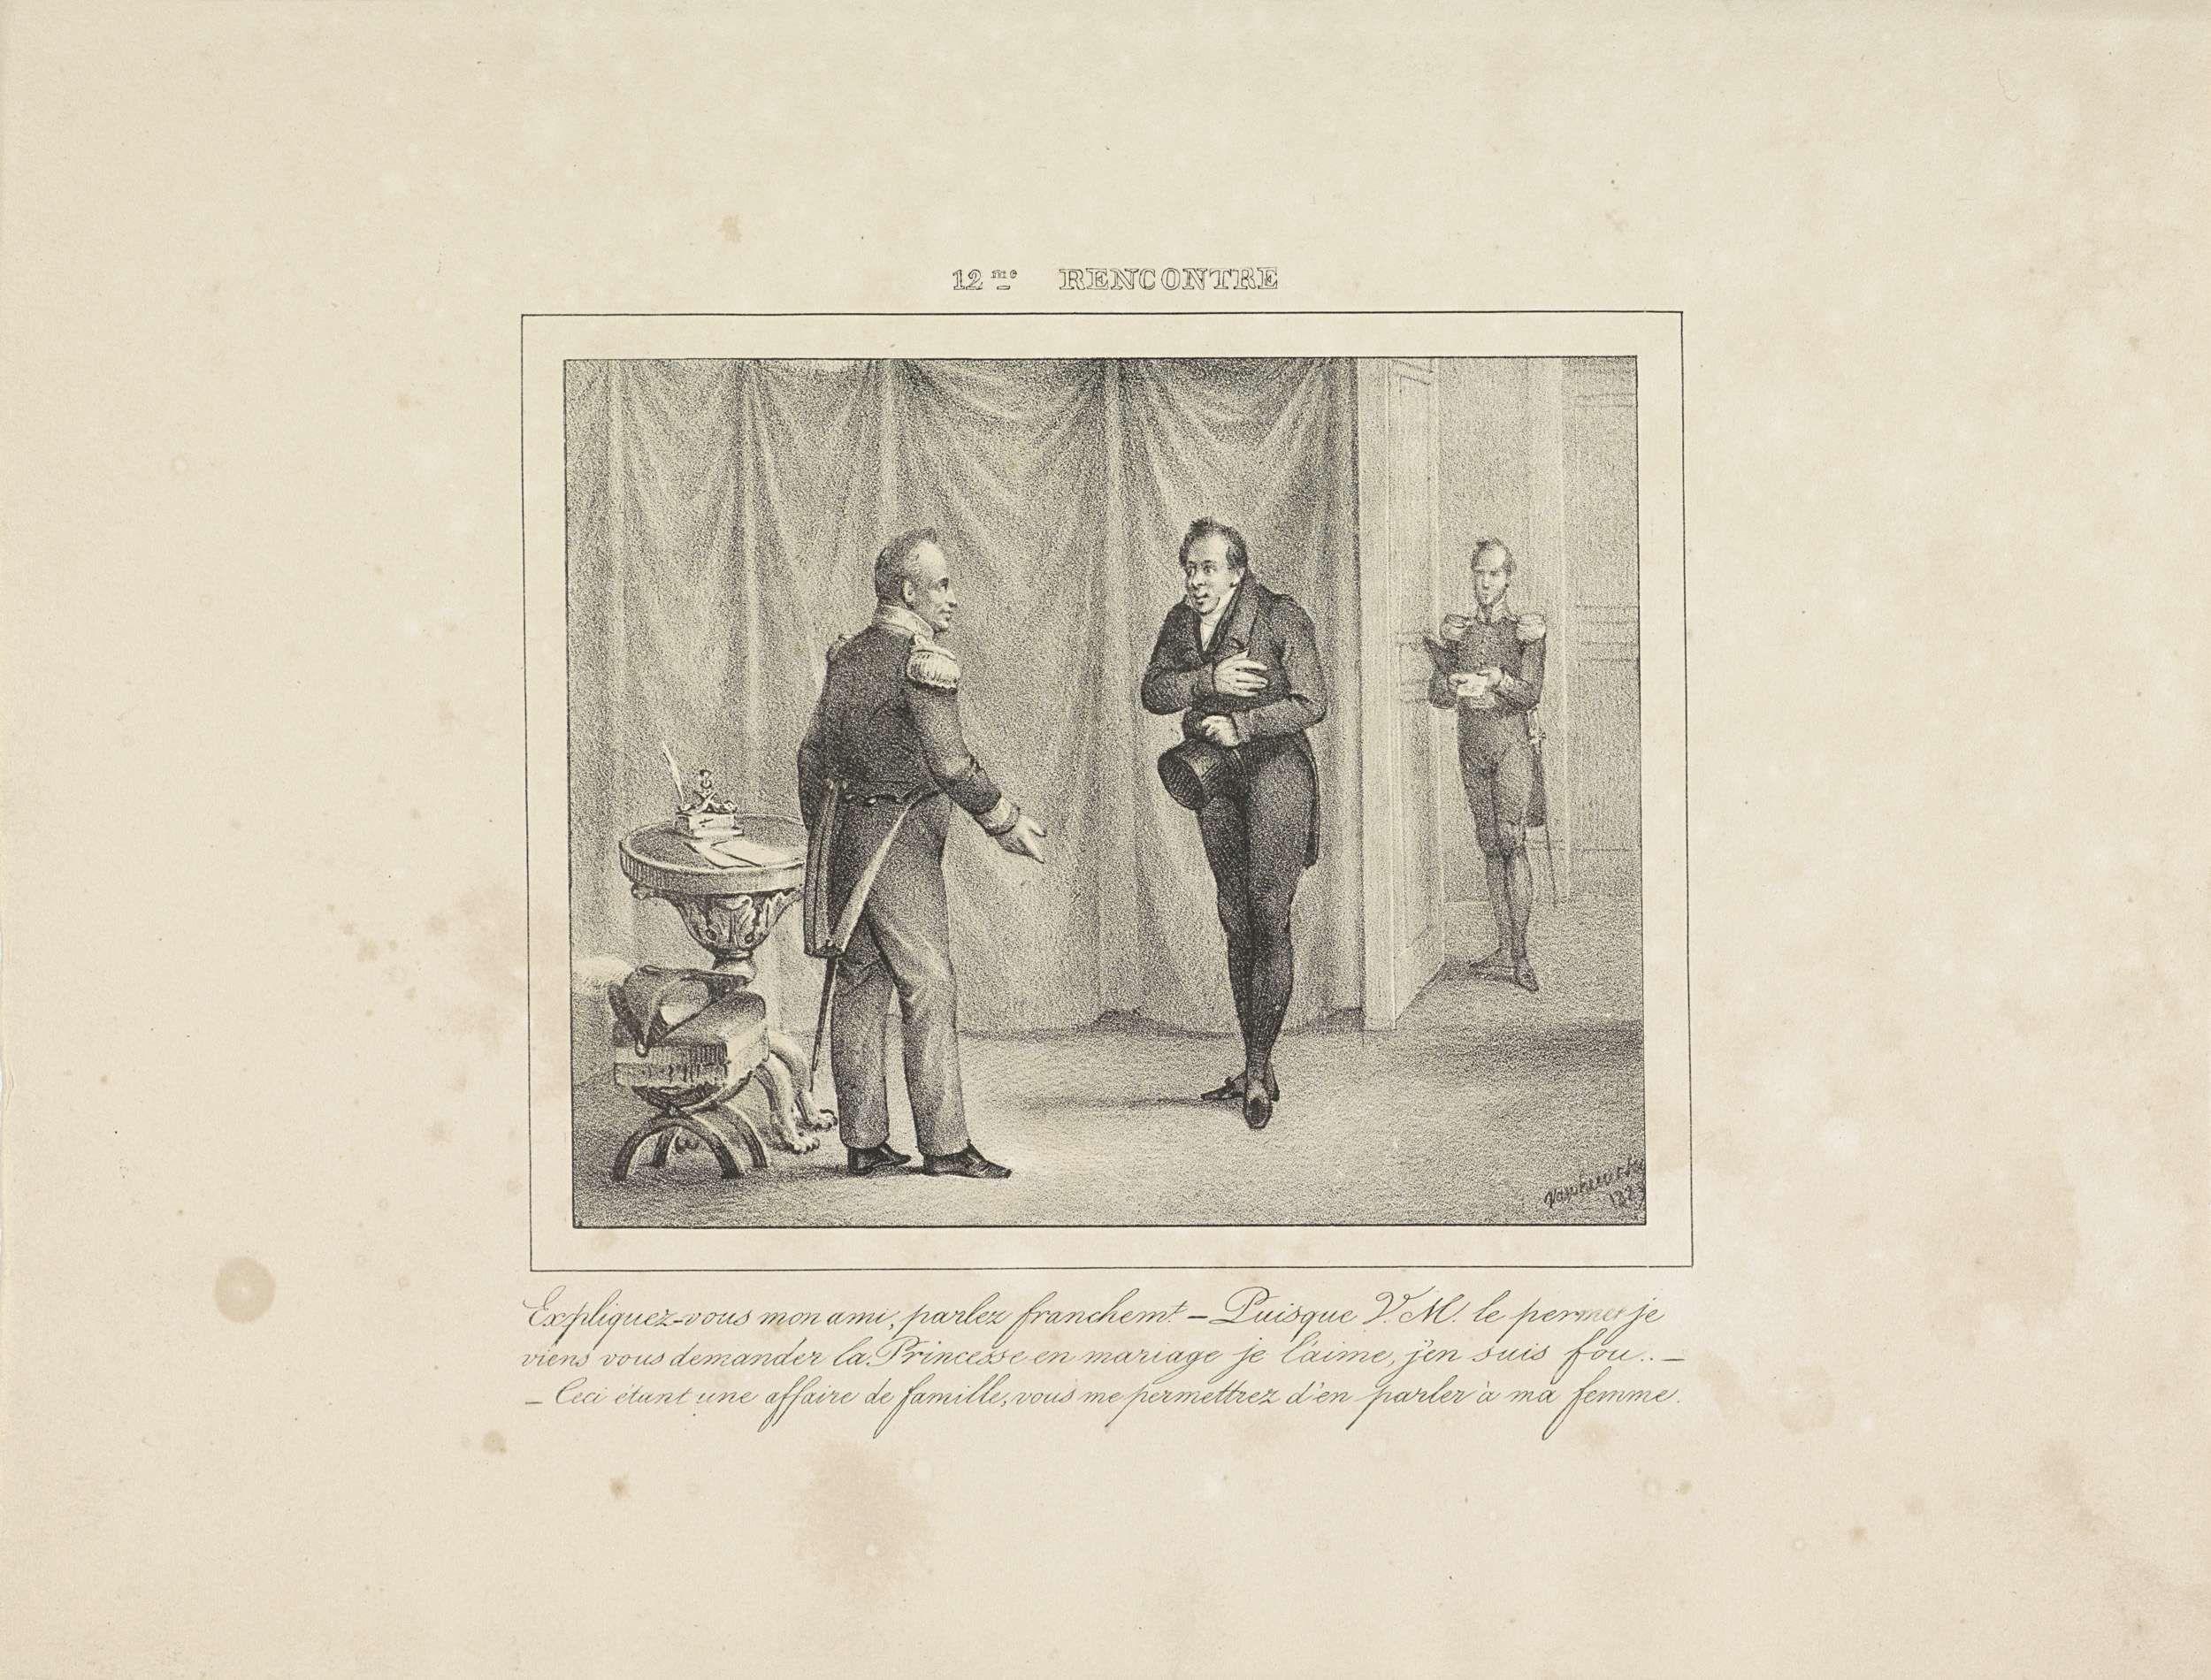 Jean-Louis Van Hemelryck | Koning Willem I ontvangt een jongeman die om de hand van zijn dochter vraagt, 1829, Jean-Louis Van Hemelryck, Jobard, 1829 | De koning ontvangt een jongeman die hem om de hand van zijn dochter vraagt en antwoordt dat dit een familiezaak is die hij met zijn vrouw moet bespreken. Met drieregelig onderschrift. Onderdeel van de serie van 24 platen met ontmoetingen met koning Willem I, verschenen onder de titel 'Les rencontres' in 1829-1830.